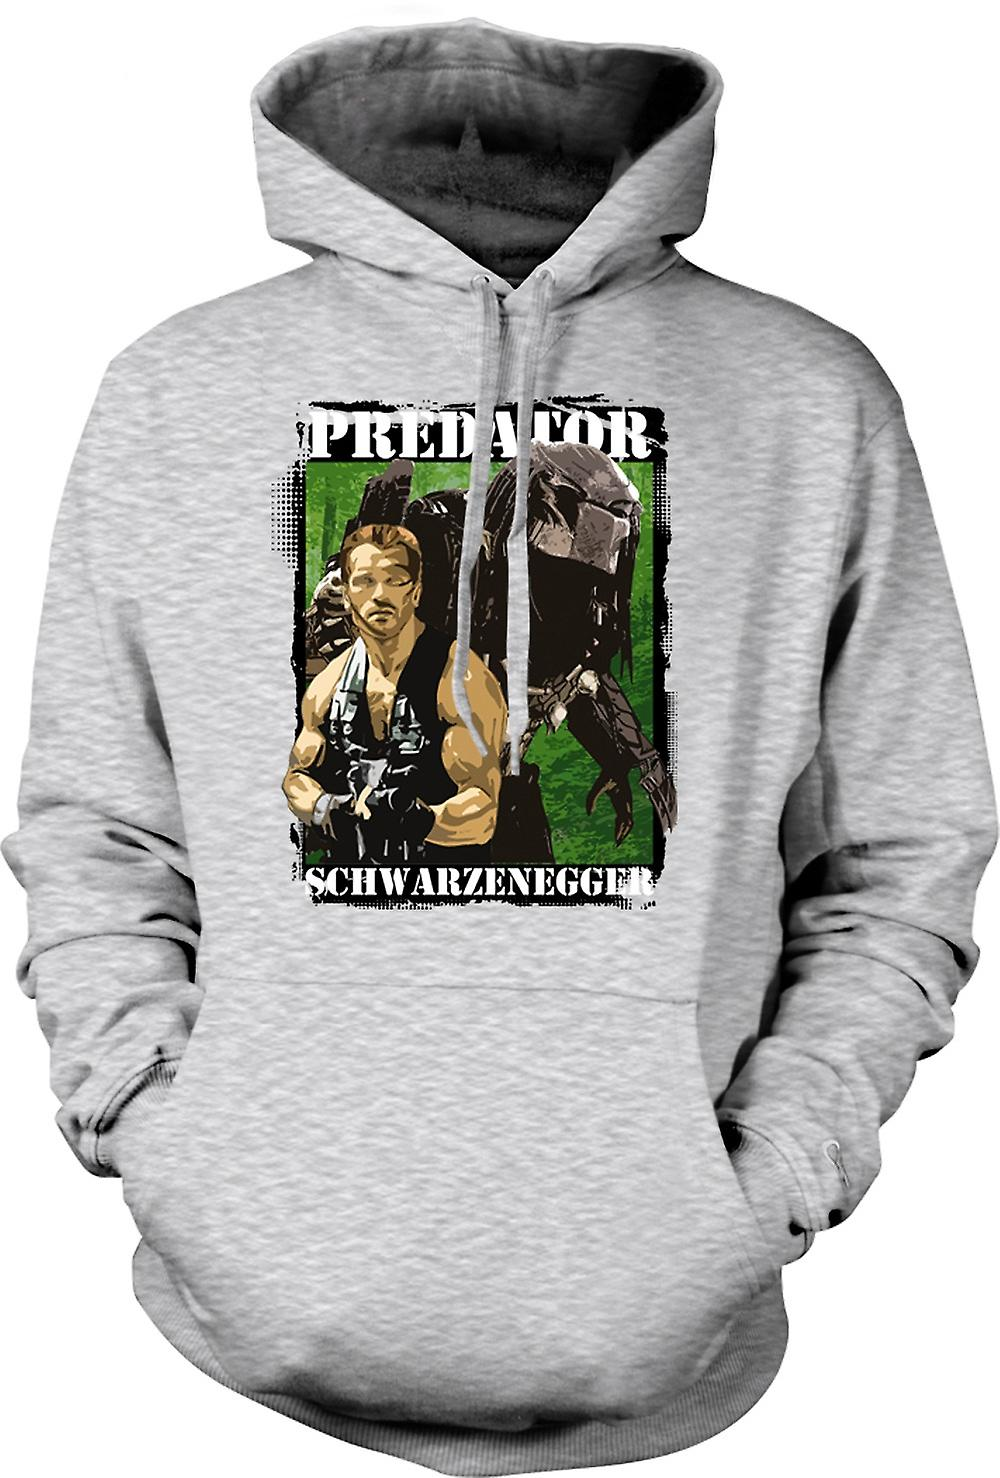 Hoodie van de mens - roofdier Alien - Schwarzenegger